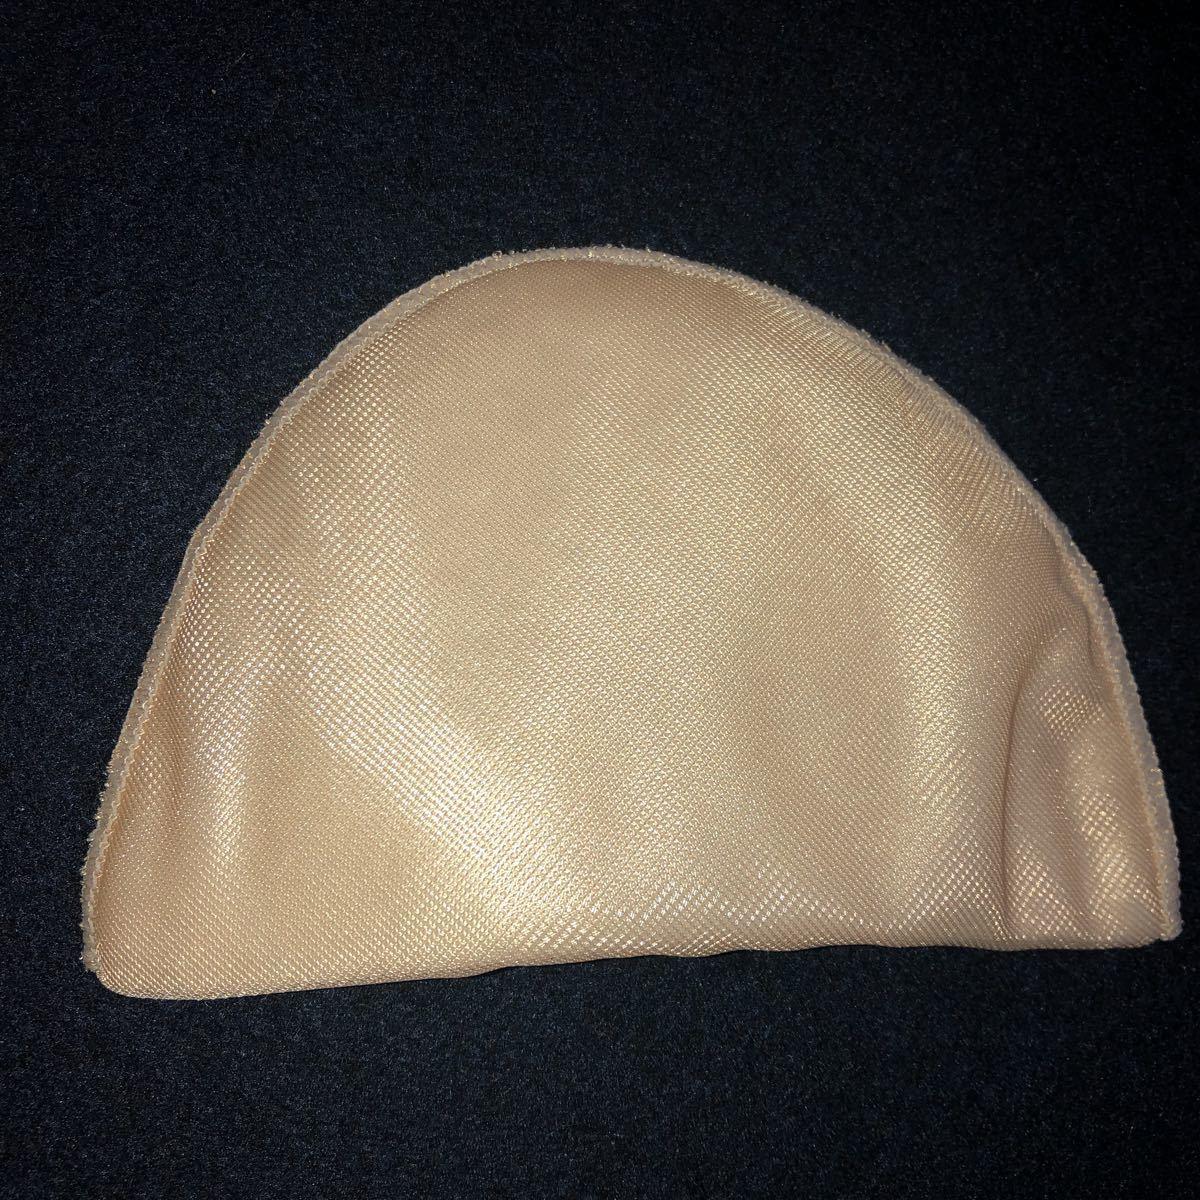 スタンダードタイプ セットイン型肩パット 20枚 厚さ(mm): 約5 色: ベージュ 寸法(横×縦)(mm): 約155×95 ブラウスパット  裁縫用_画像7